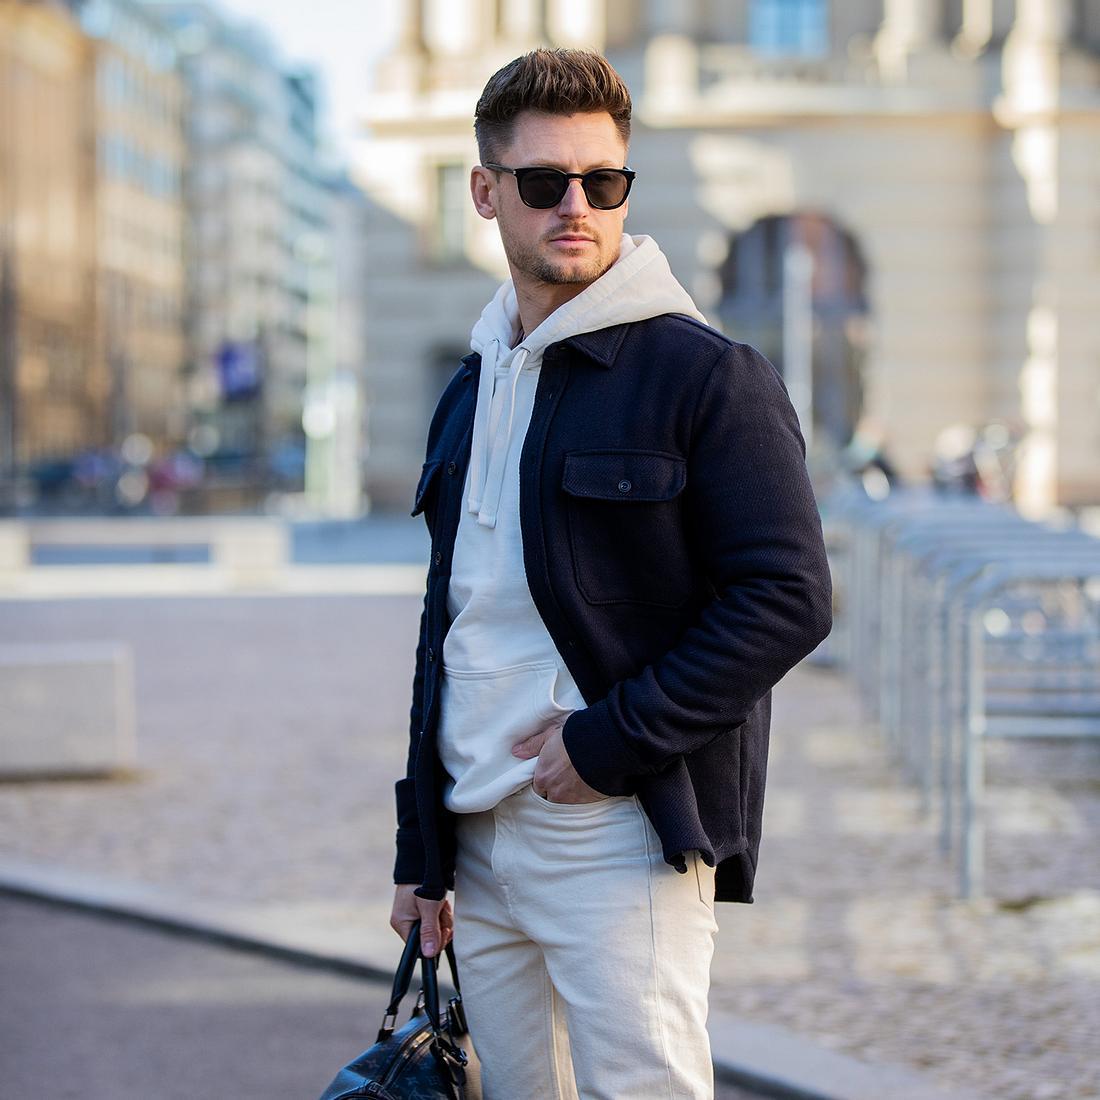 Streetstyle-Foto auf dem Mann weißen Hoodie unter einer navy-blauen Jacke trägt.